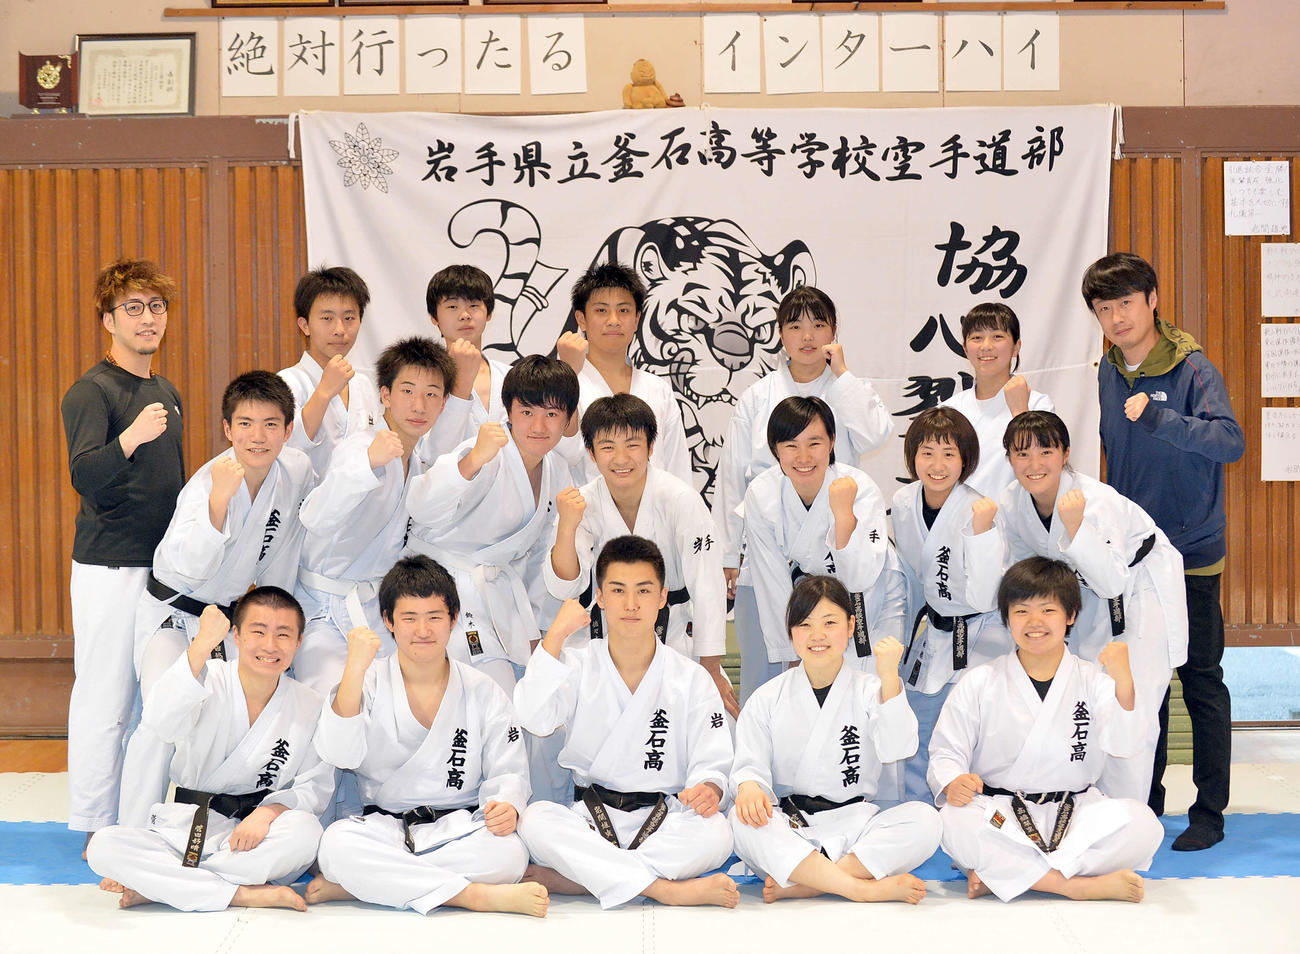 日々精進を続ける釜石空手道部の選手たち。今も道場にはインターハイを目指す目標を掲げている(撮影・鎌田直秀)